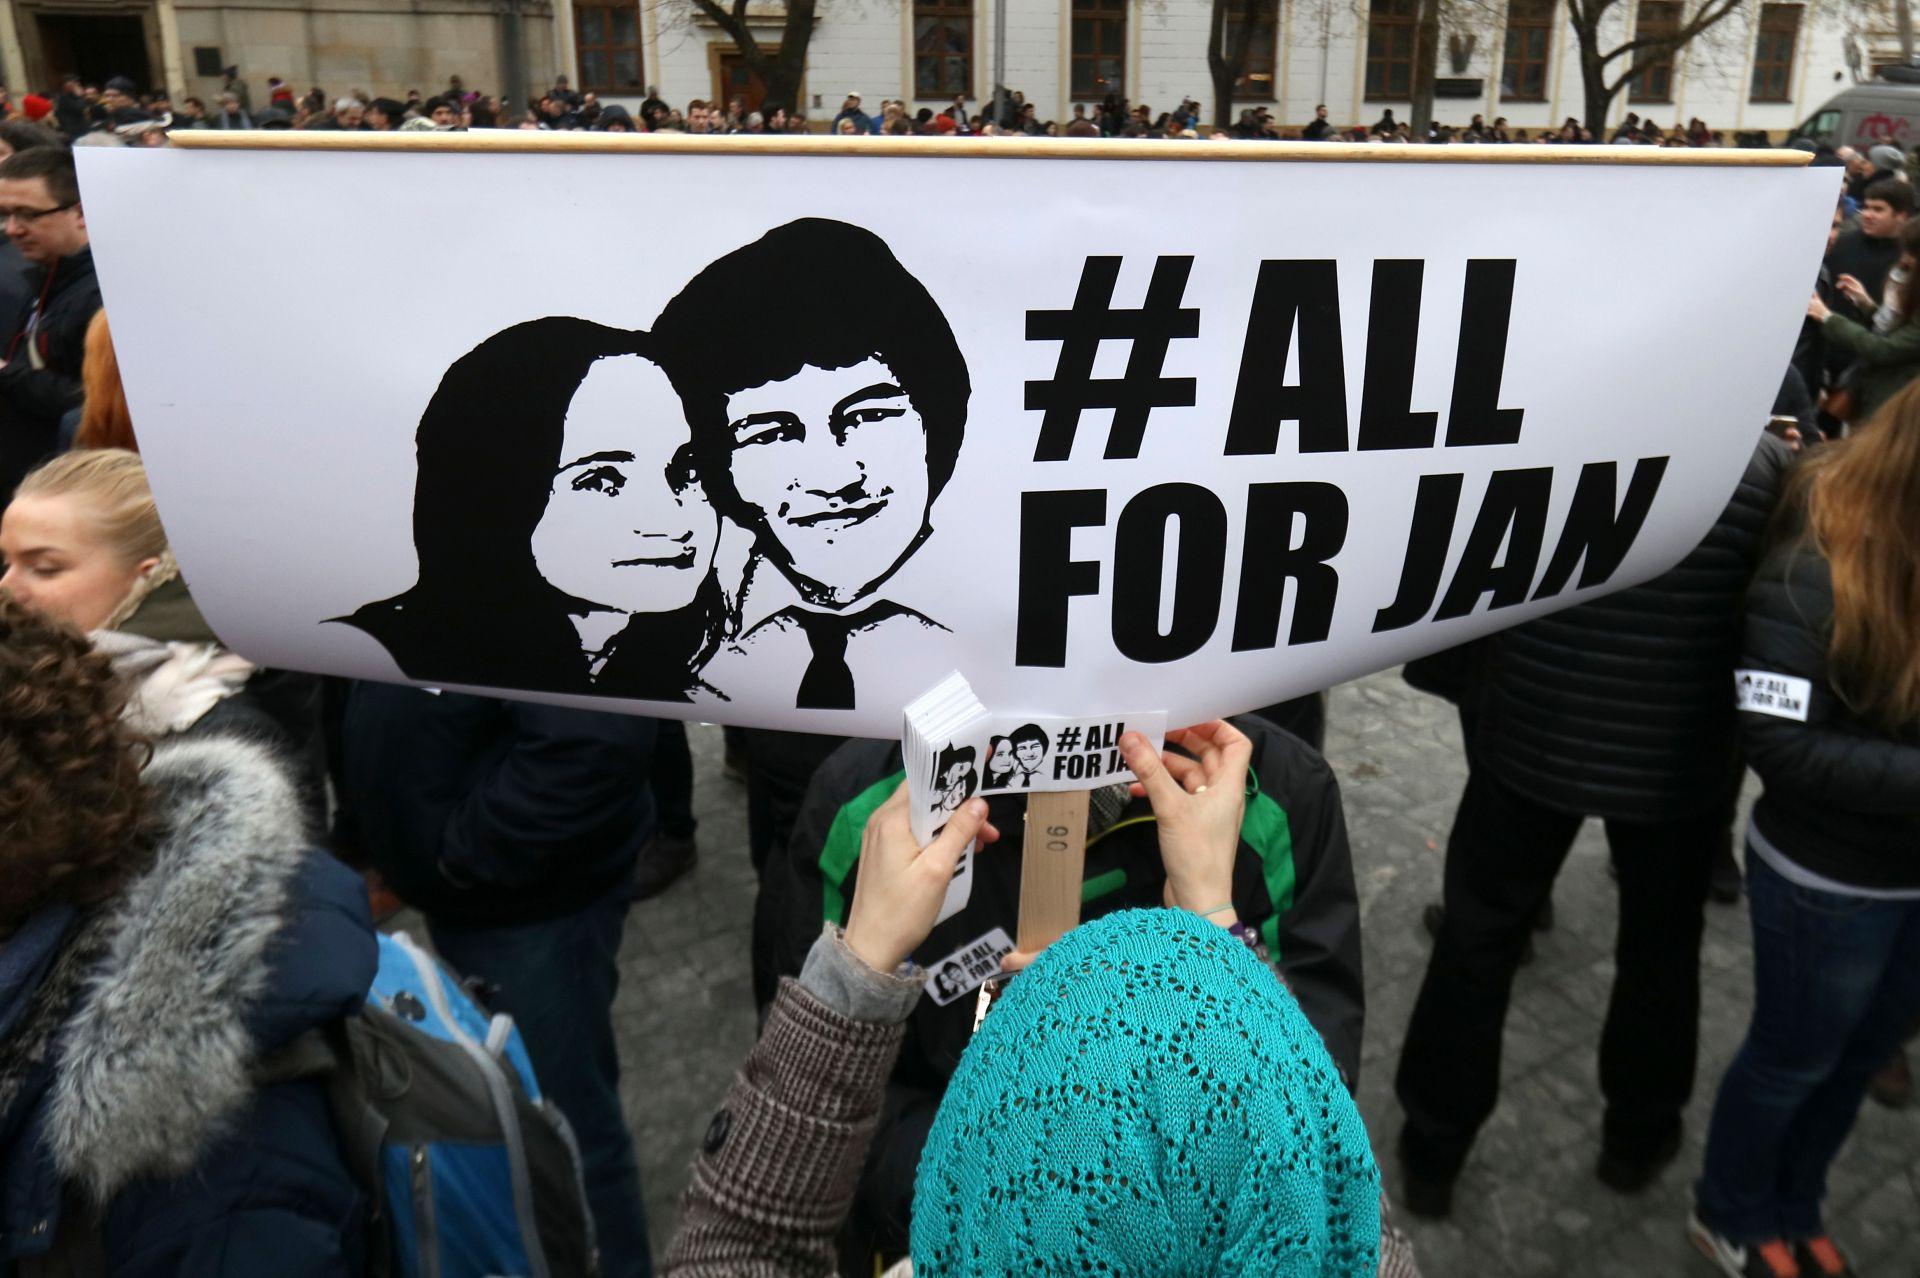 След смъртта на Куциак и на годеницата в Братислава се състояха протестни демонстрации, в които участваха десетки хиляди